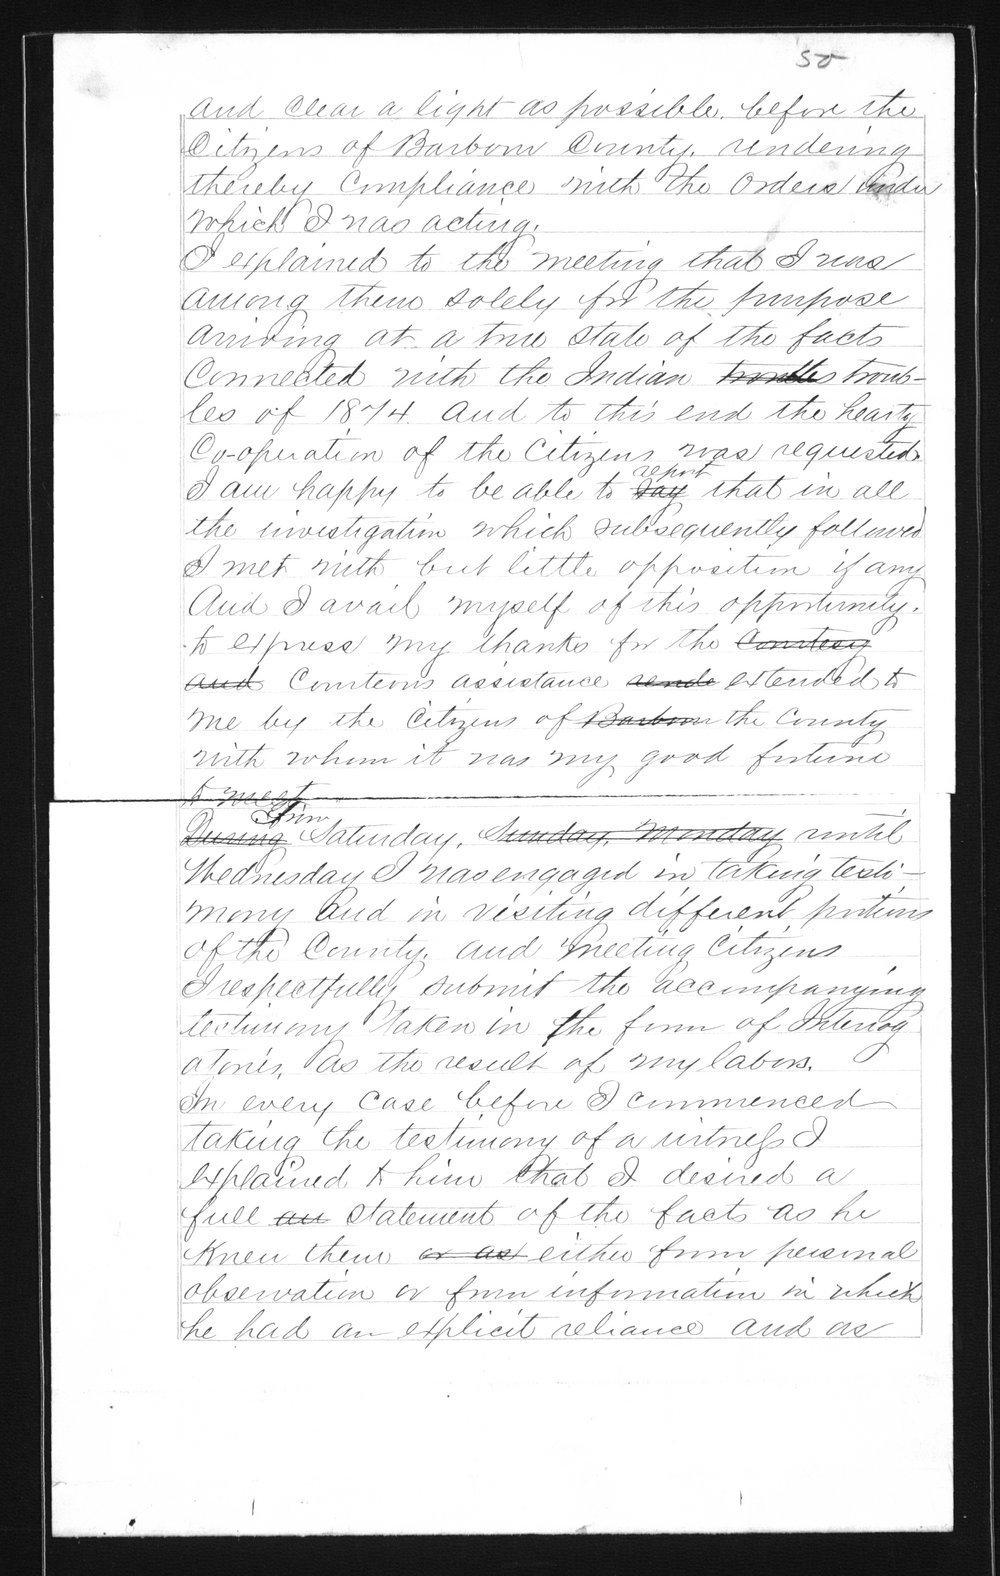 Captain Lewis Hanback's final report - 50